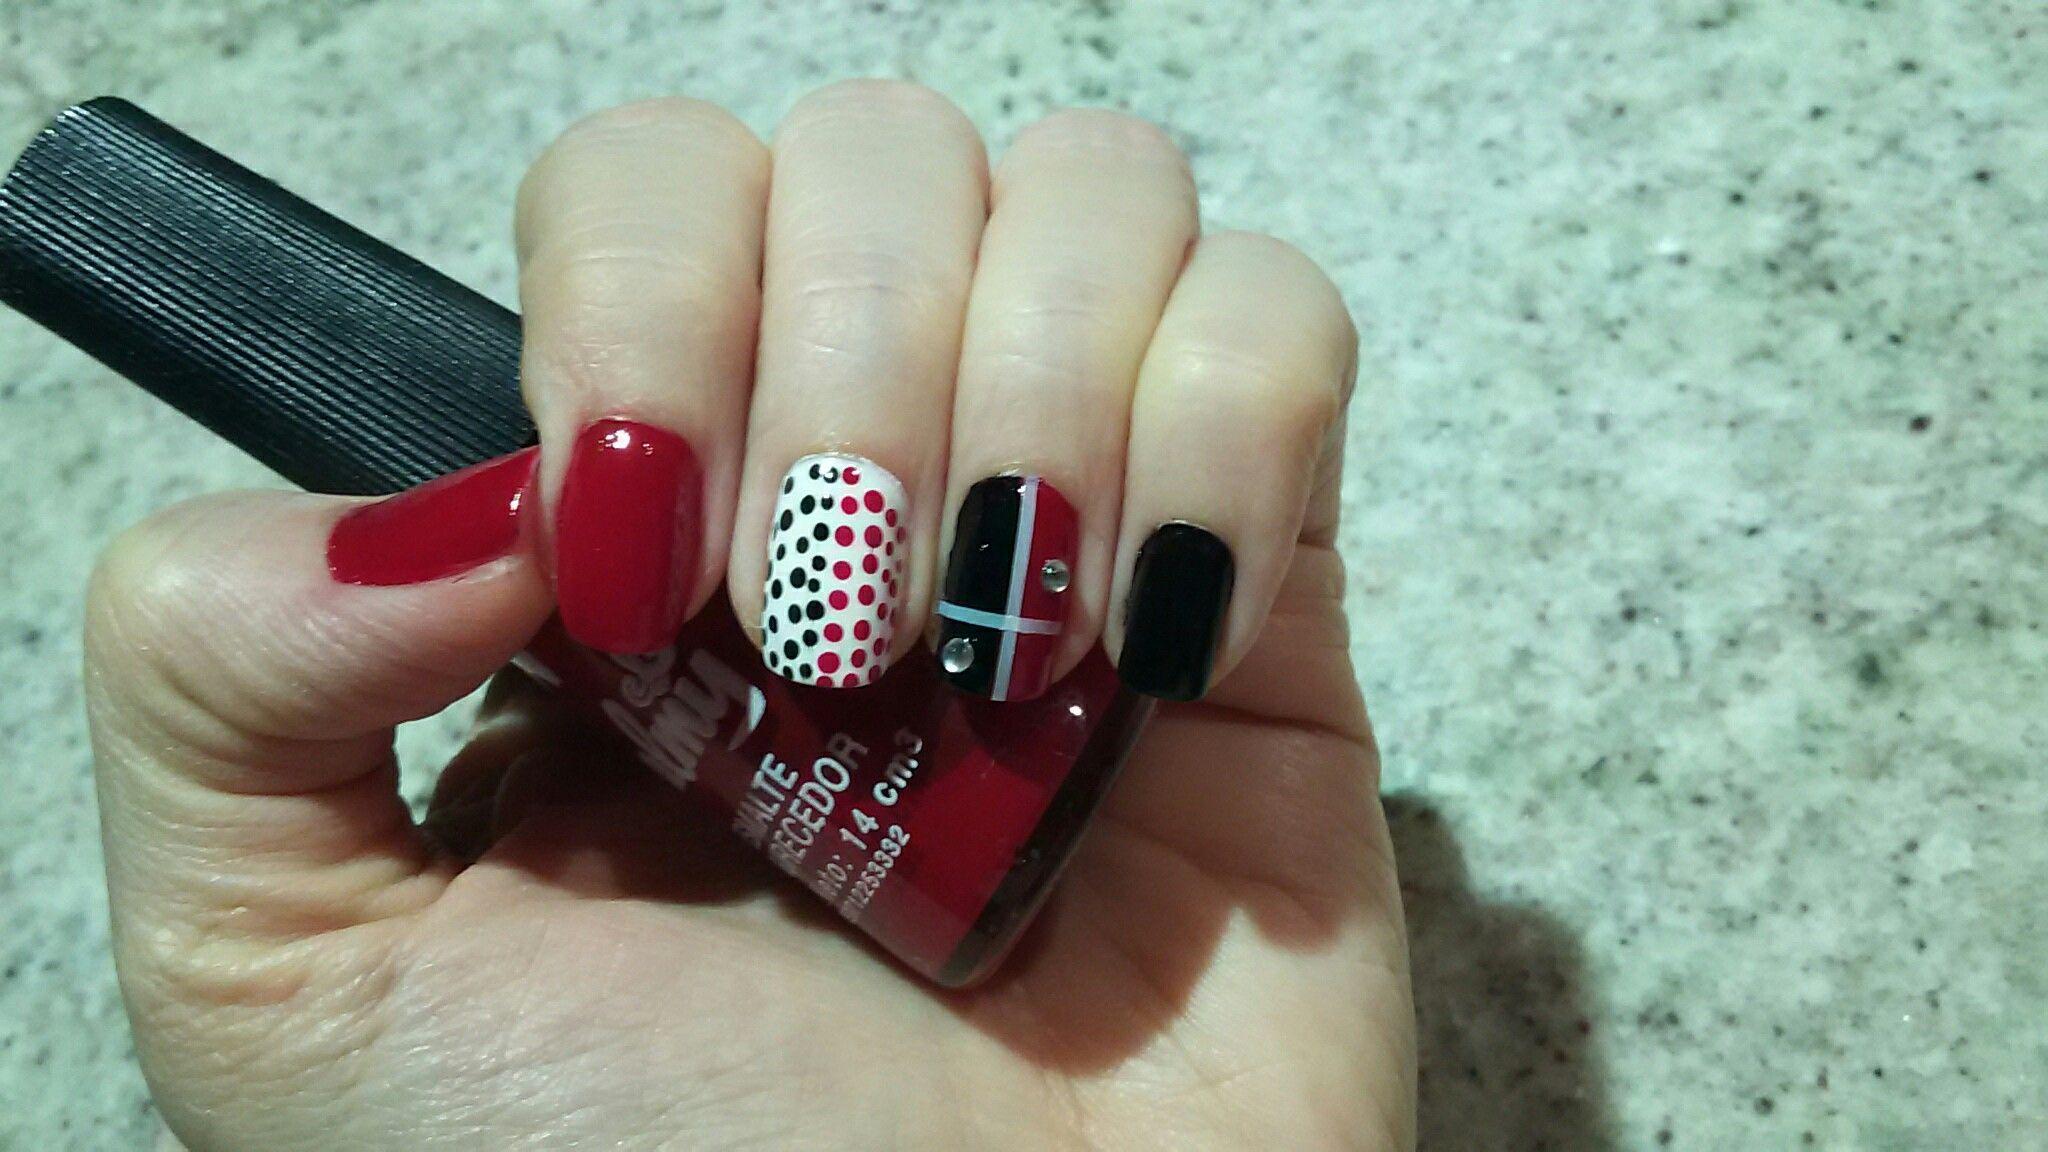 uñas negro/rojo/blanco | Manicurista en ratos de ocio | Pinterest